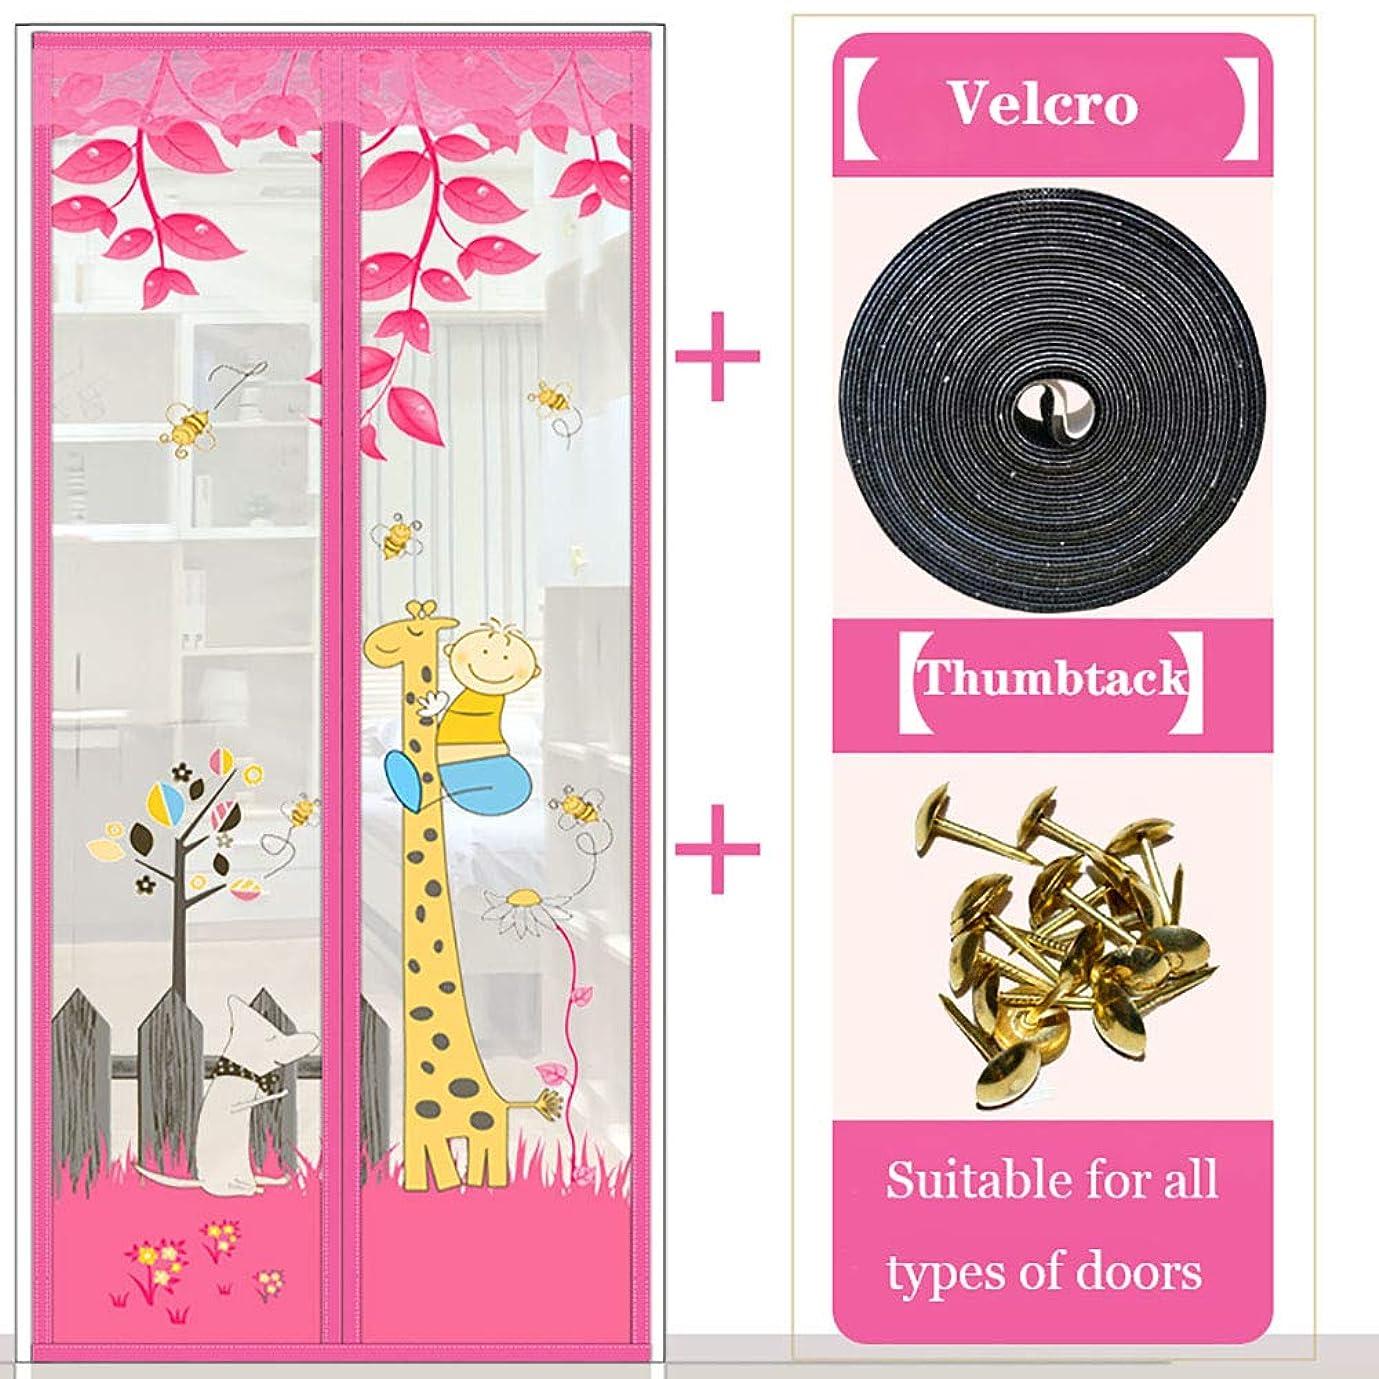 目覚めるウェーハ留まる蚊よけのドアのスクリーン、鋭い穴が空いていない状態でも簡単に取り付け可能,Pink,120*220cm